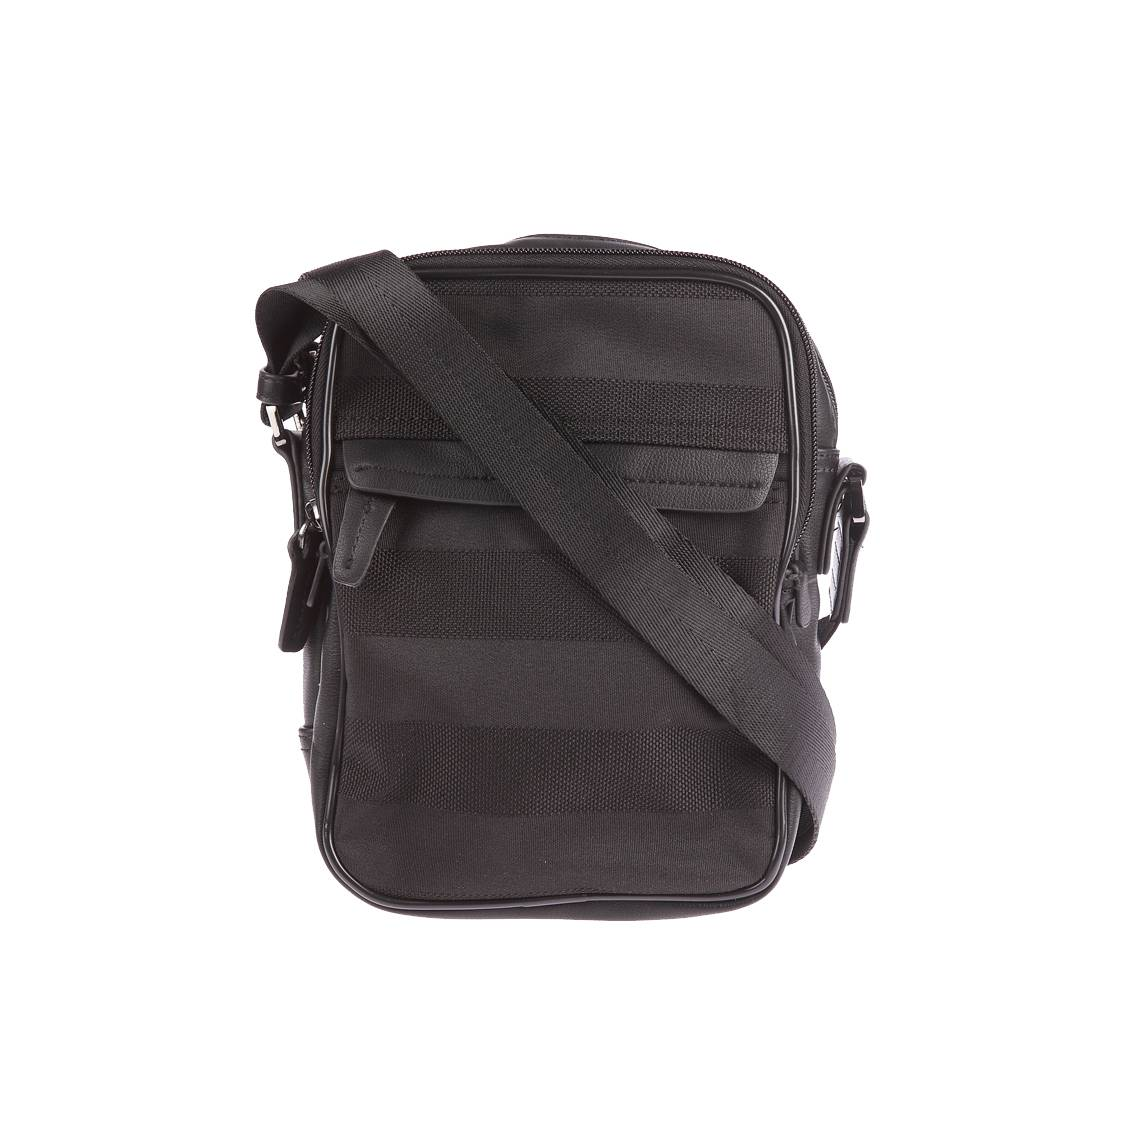 Sacoche zippée Serge Blanco noire à rayures ton sur ton. Polyester (100%)Noire - Rayures ton sur ton - Doublure intérieure bleu m